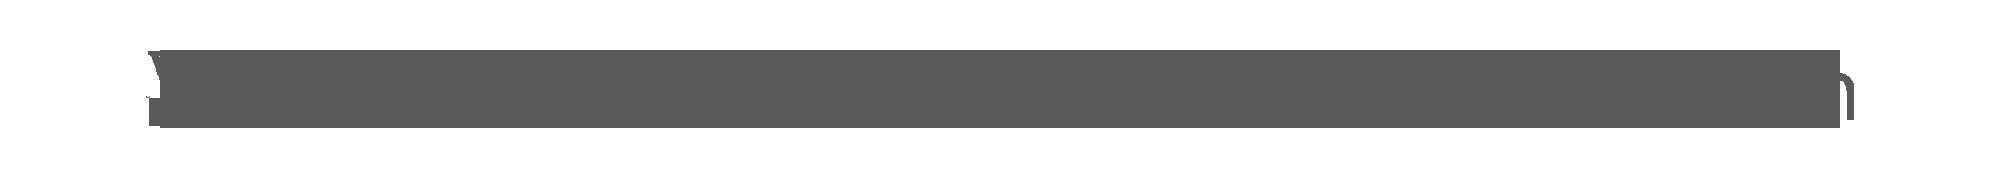 tumb_logo2_gray